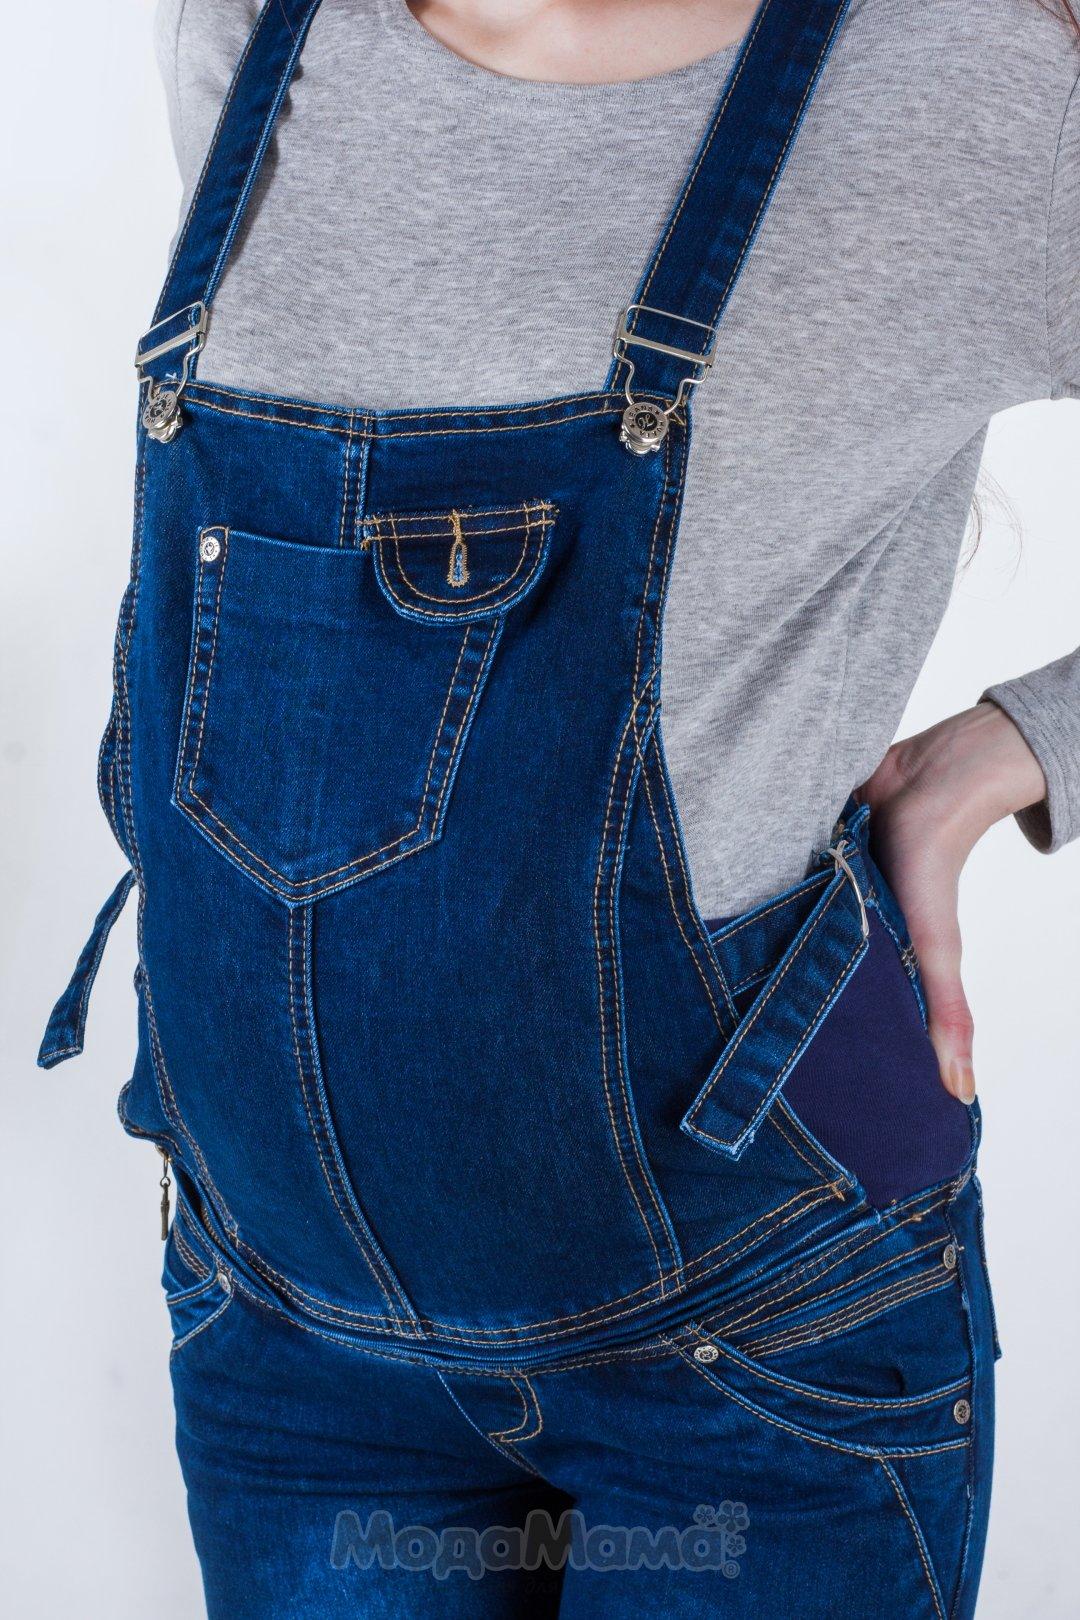 Выкройка юбки в пол для полных женщин своими руками